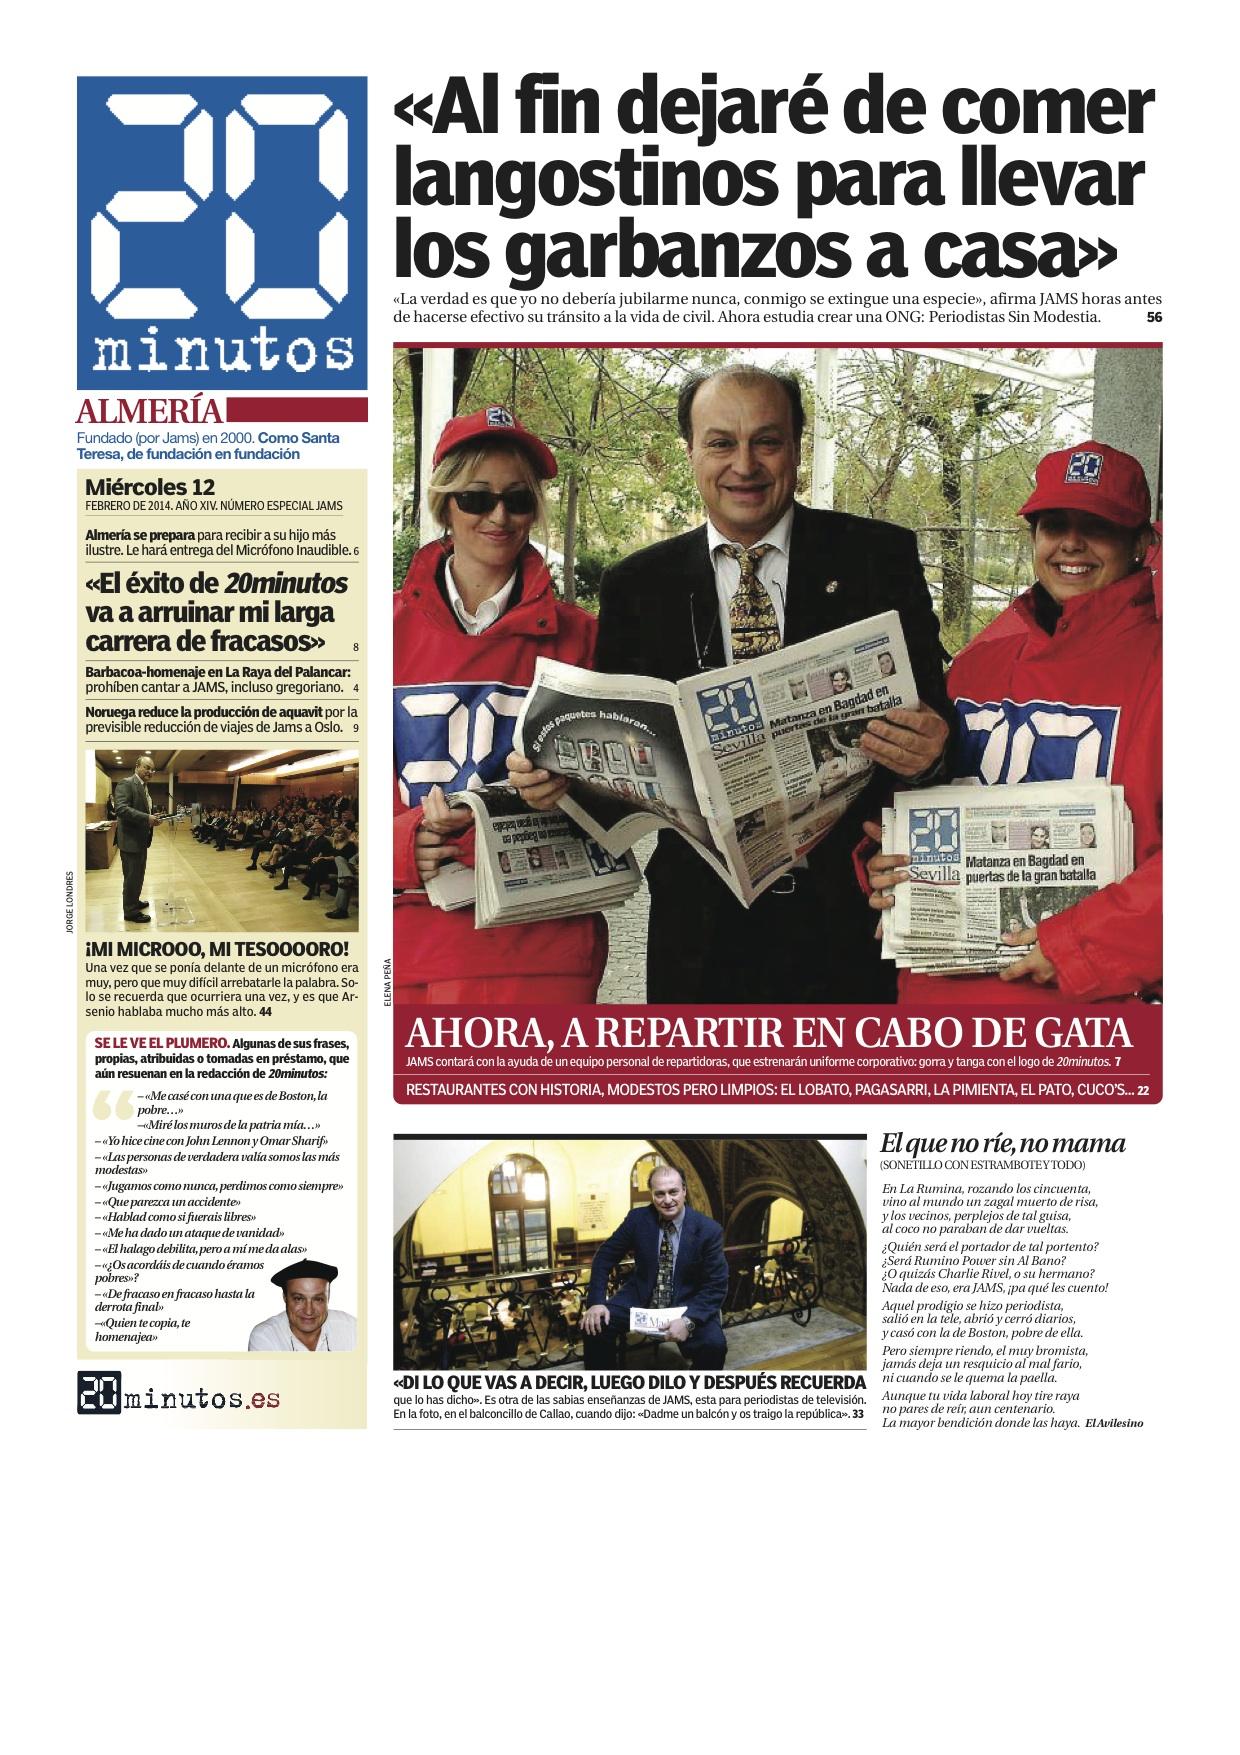 Portada de una edición ficticia de 20 minutos Almería 560252a9772